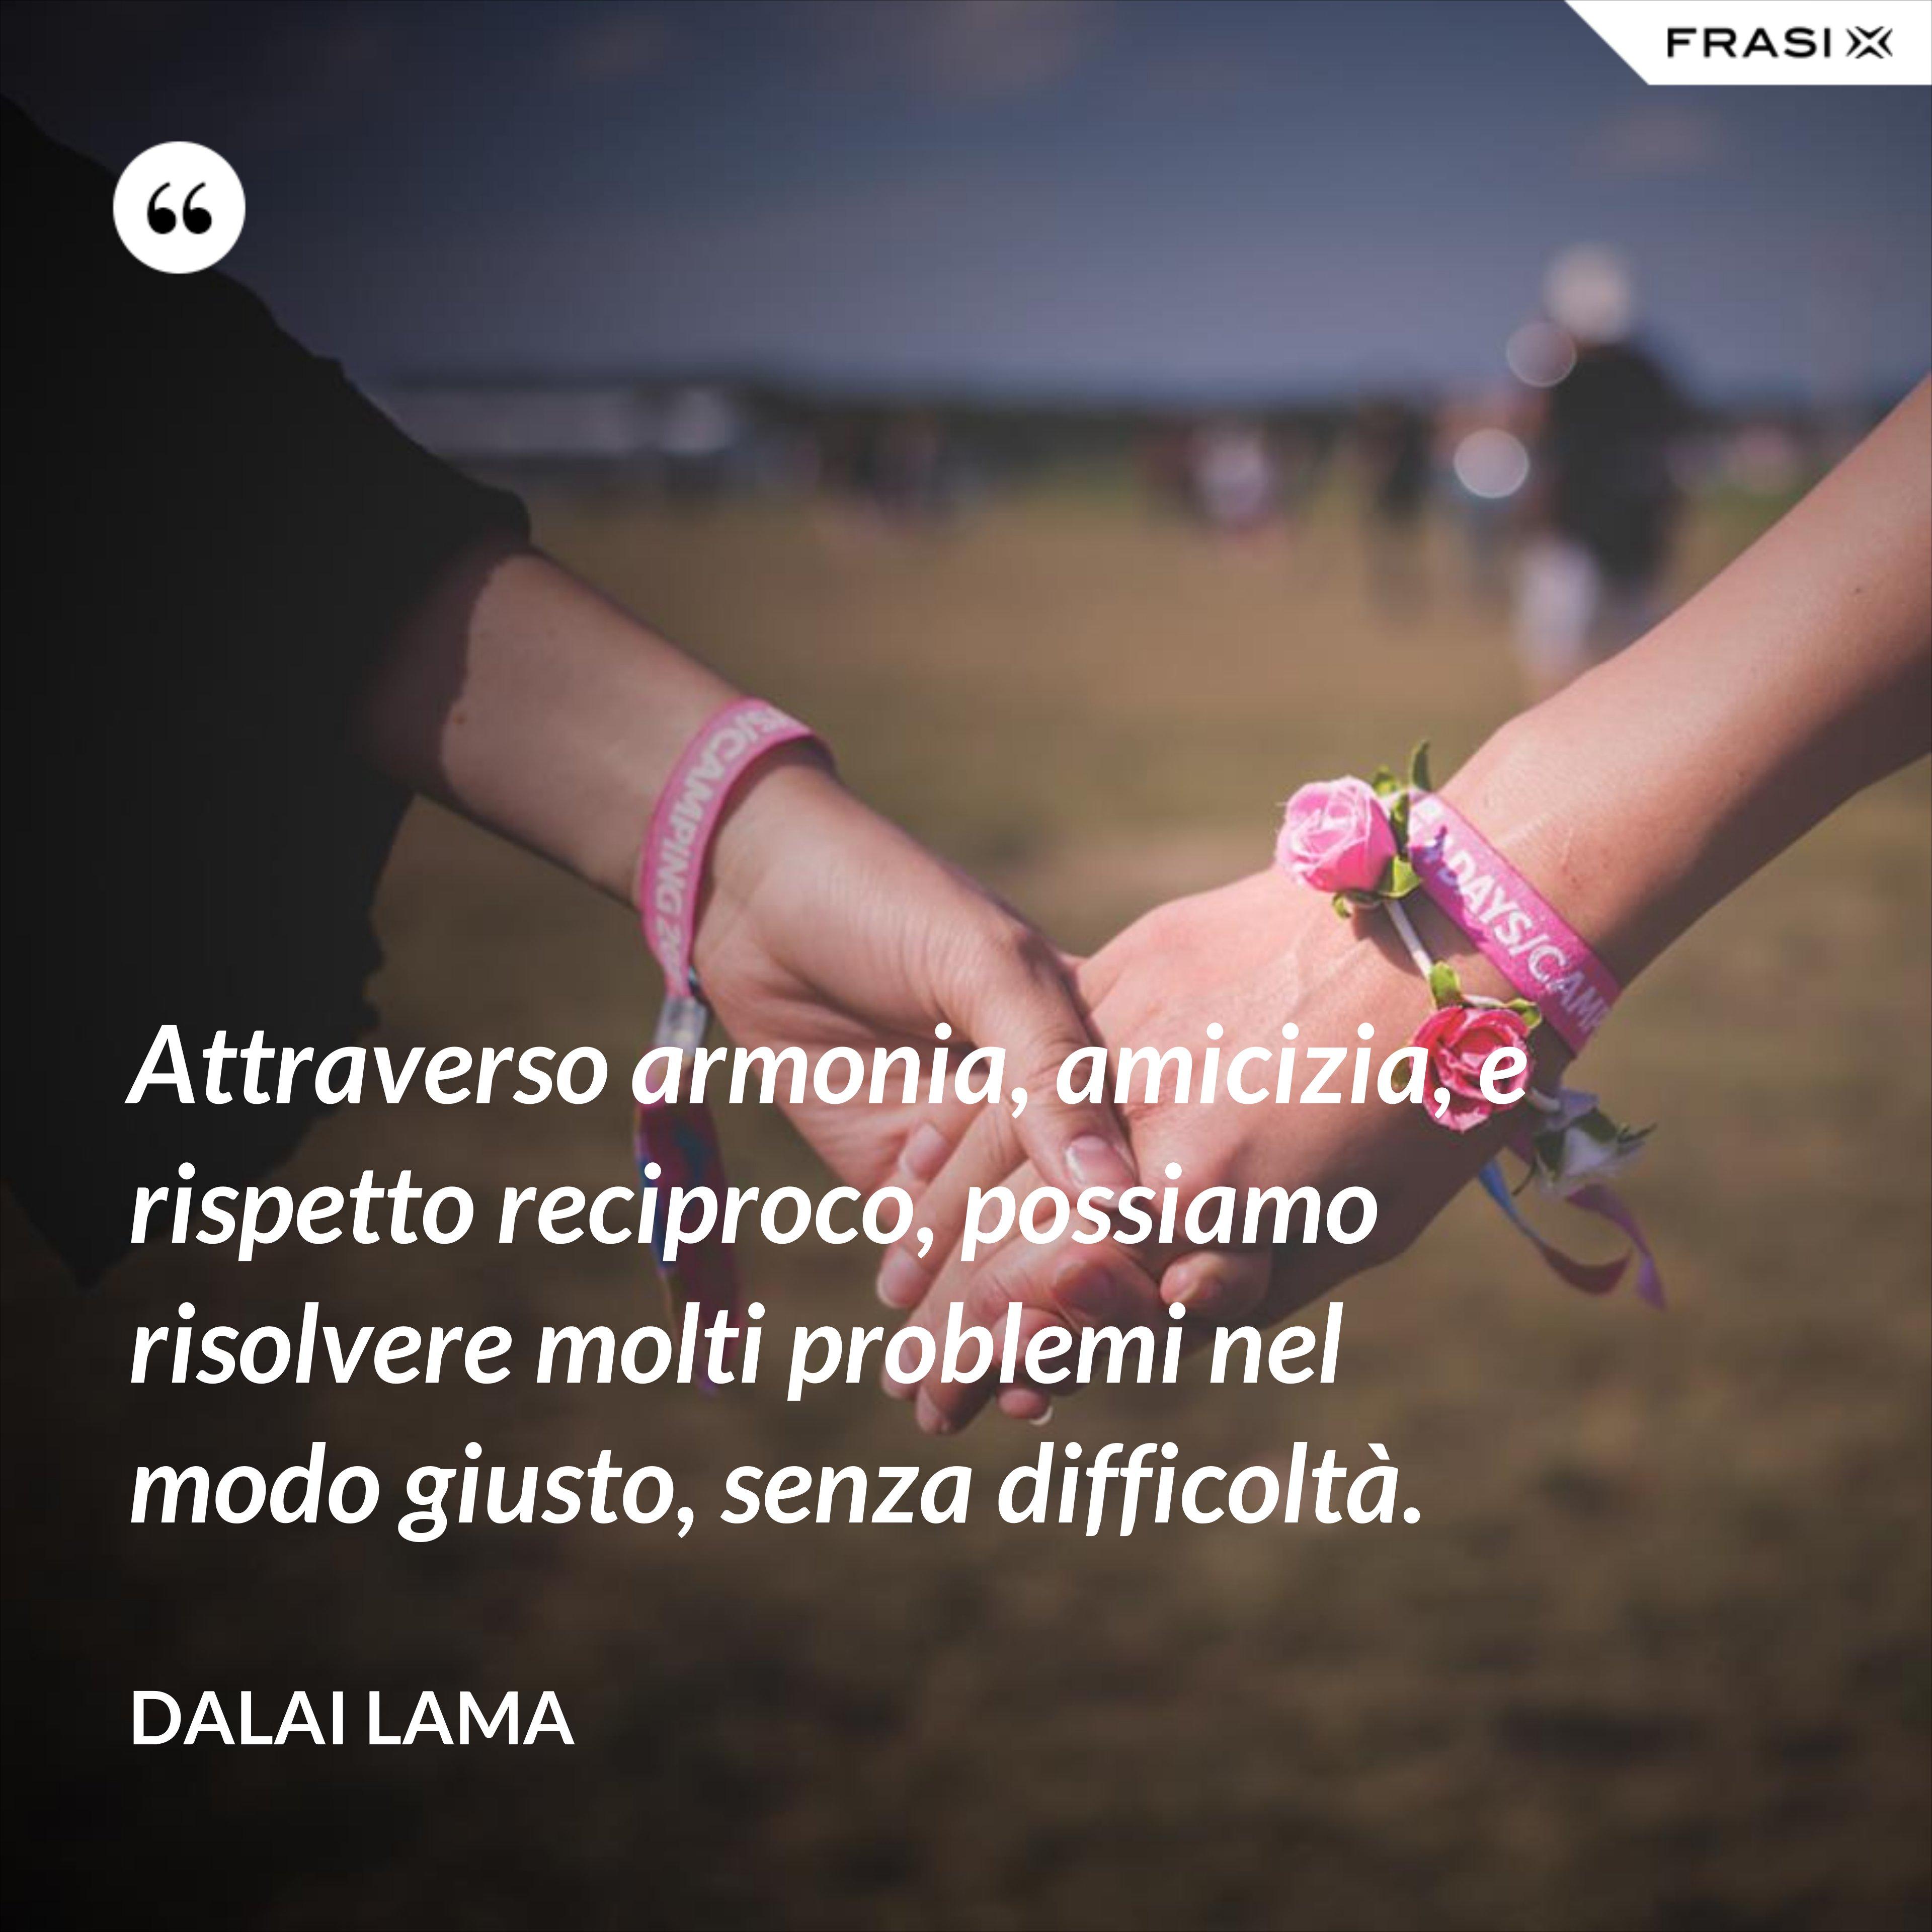 Attraverso armonia, amicizia, e rispetto reciproco, possiamo risolvere molti problemi nel modo giusto, senza difficoltà. - Dalai Lama